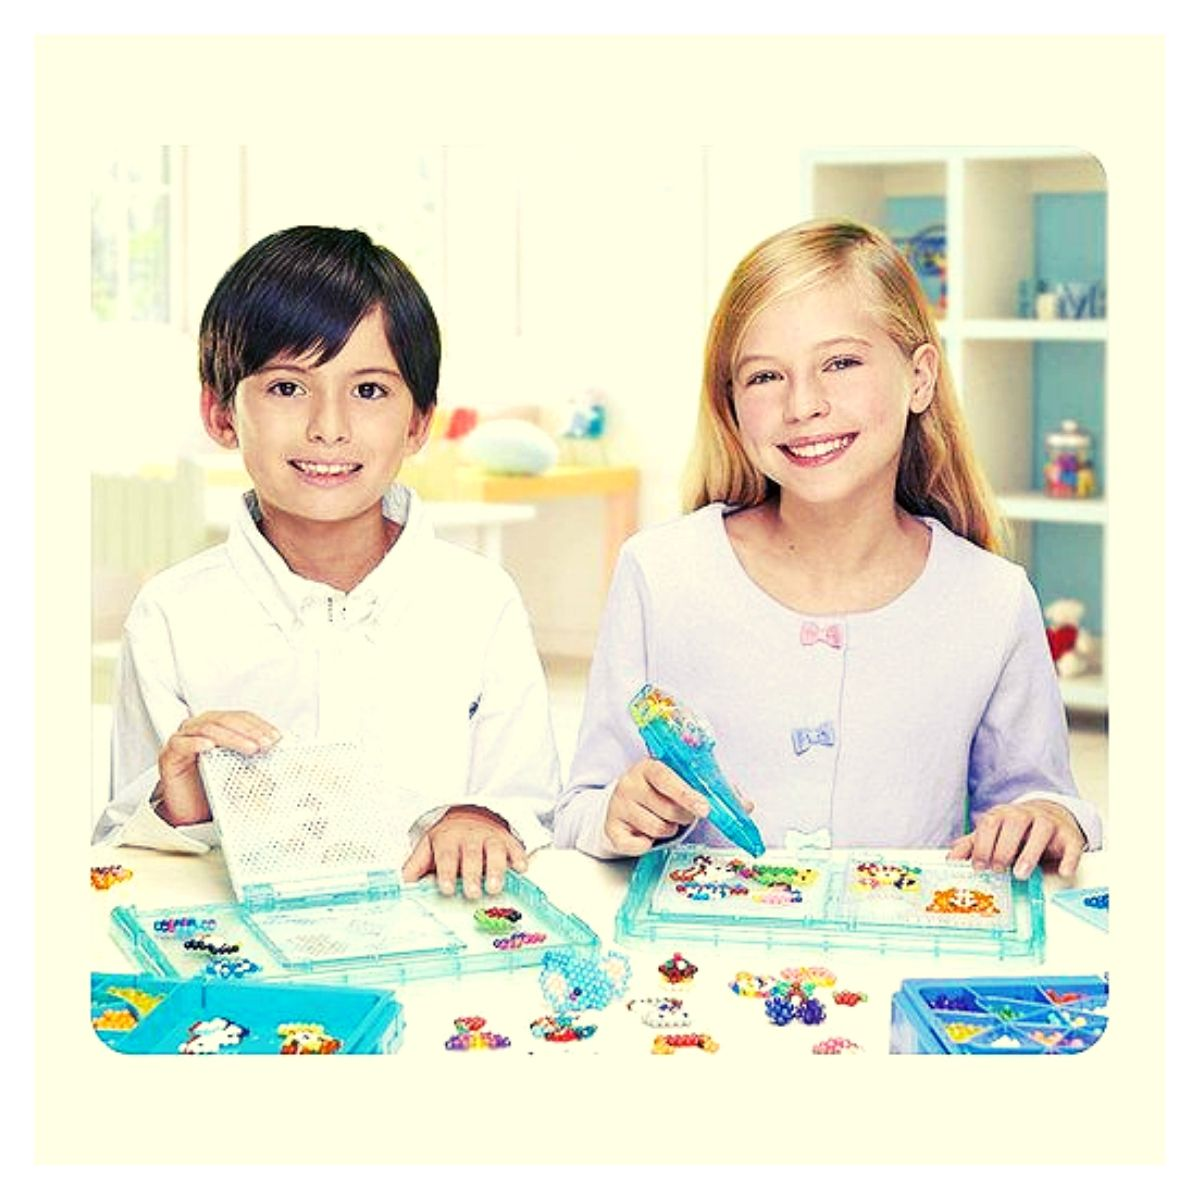 Brinquedo Aquabeads Kit  Deluxe Studio Epoch 32798  - Game Land Brinquedos